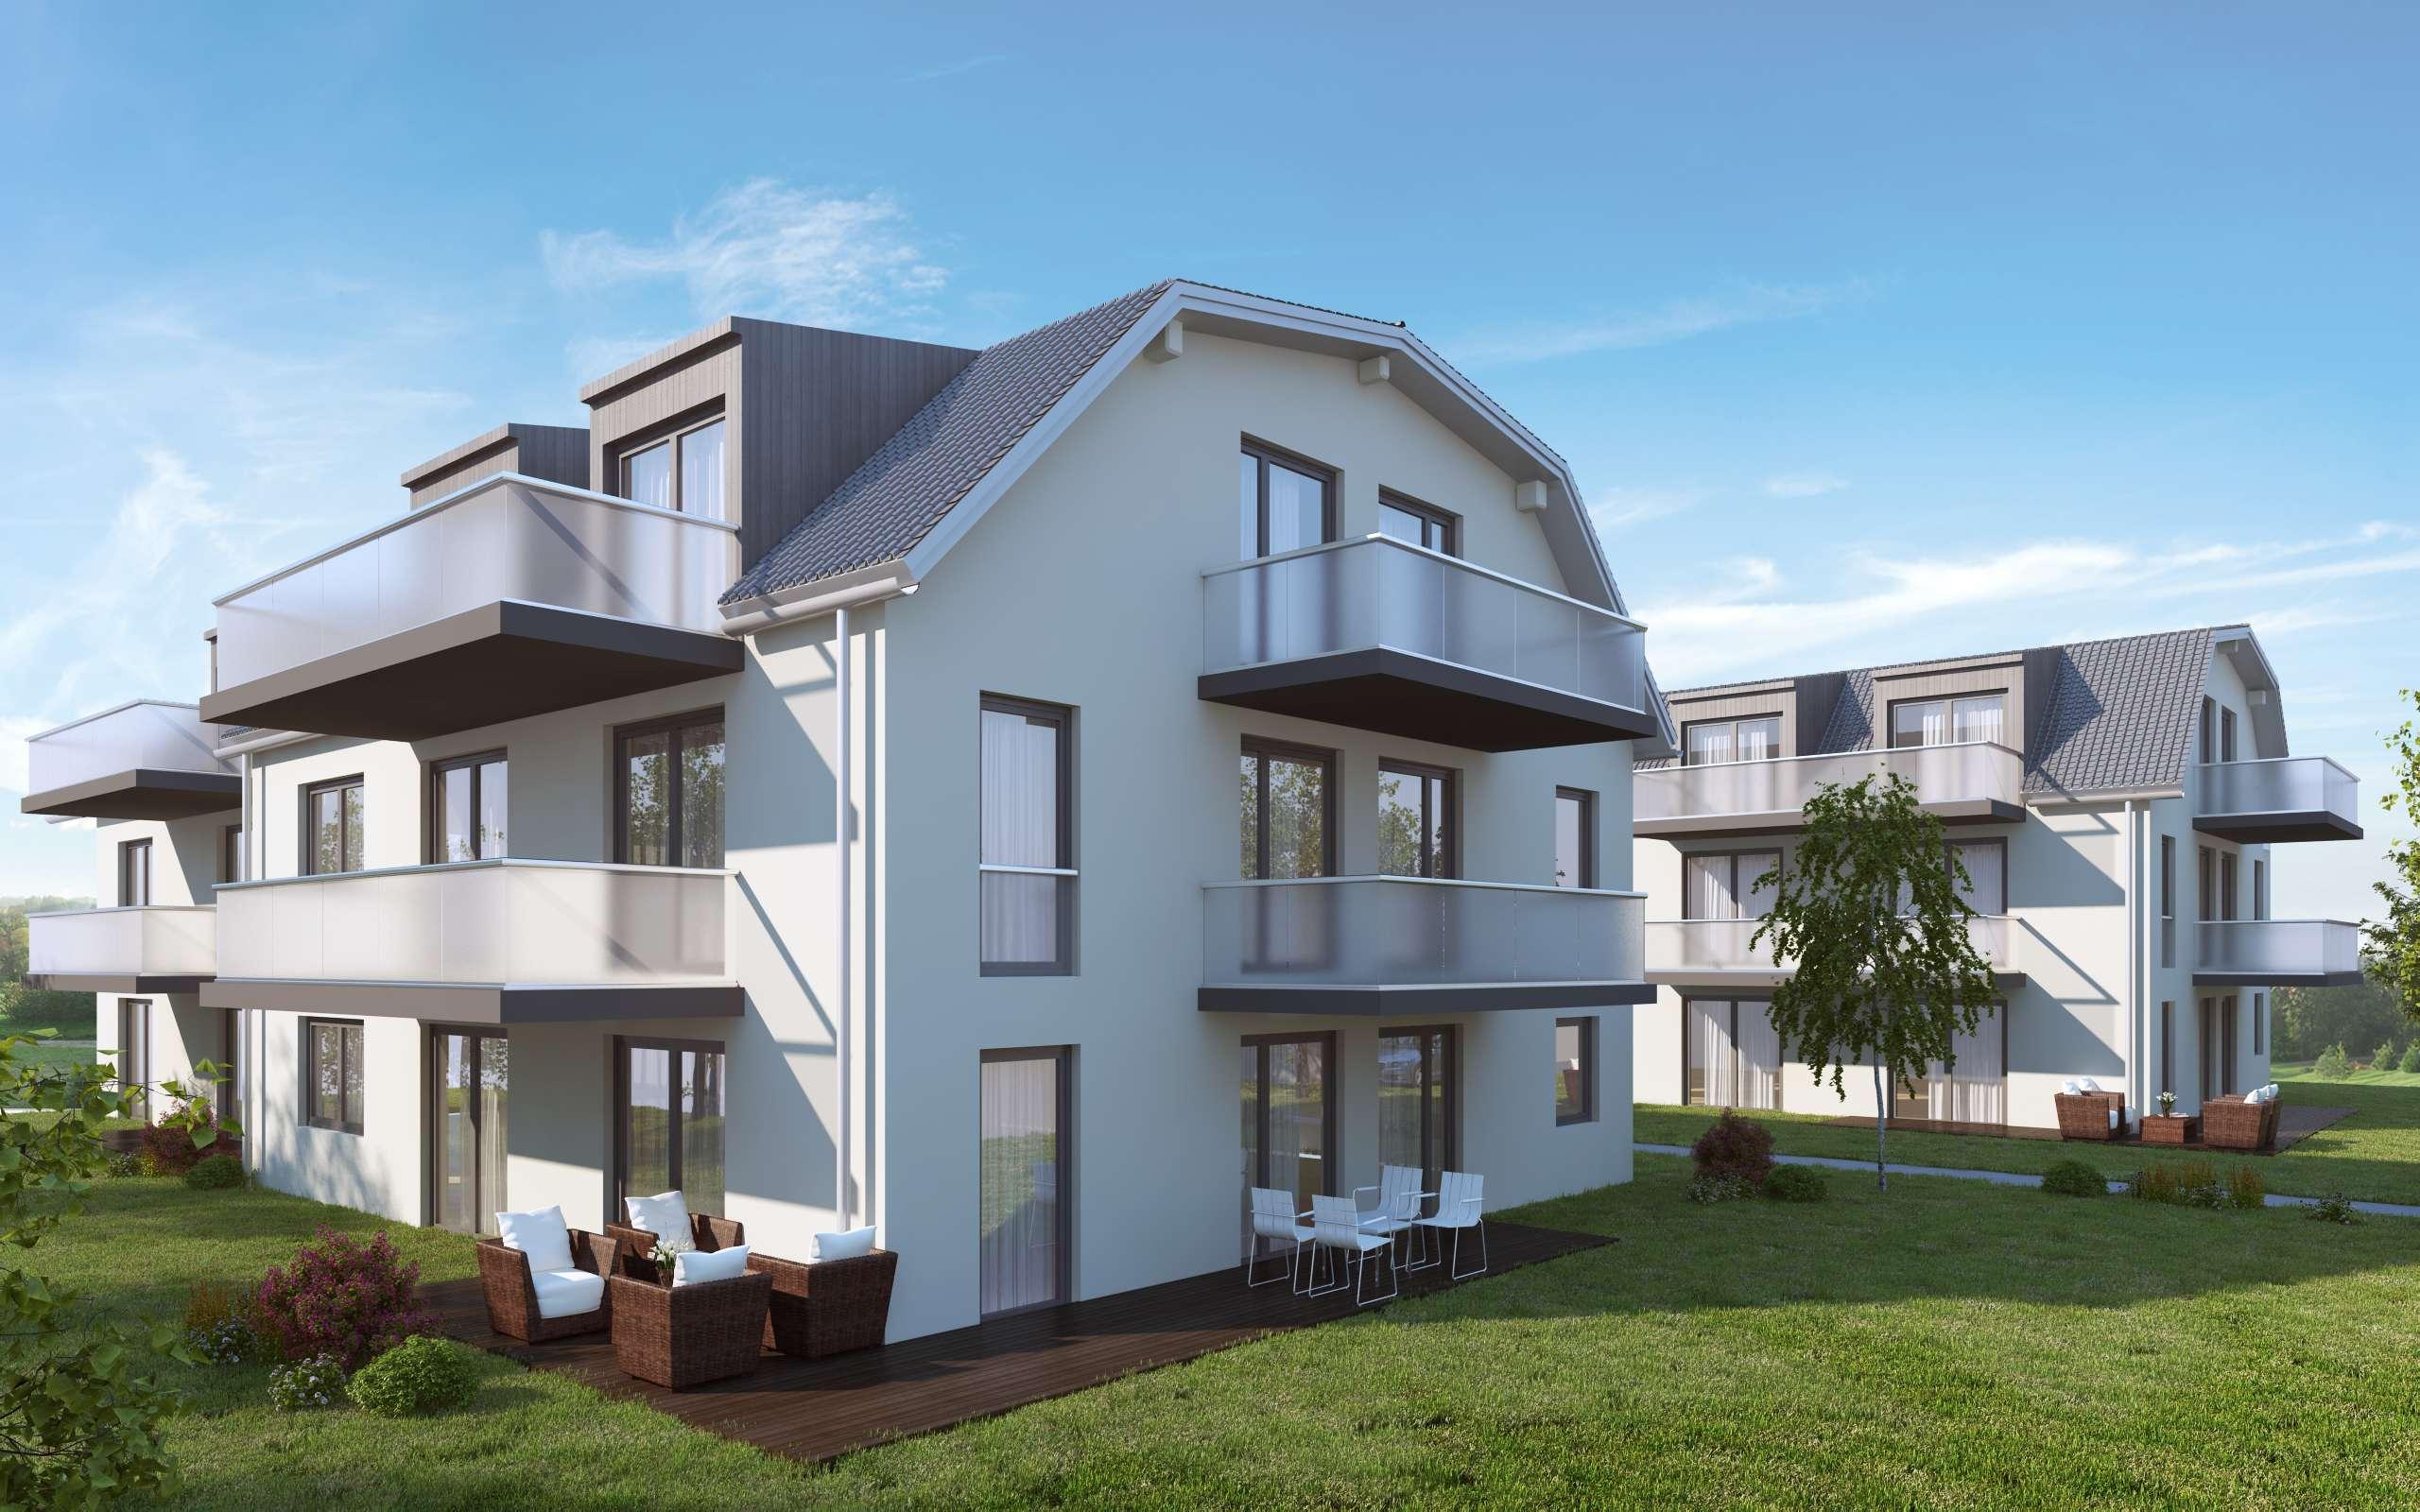 Neubau: Teilmöbliertes Luxus-Penthouse für höchste Ansprüche mit Wellnessbereich in TOP-Lage!